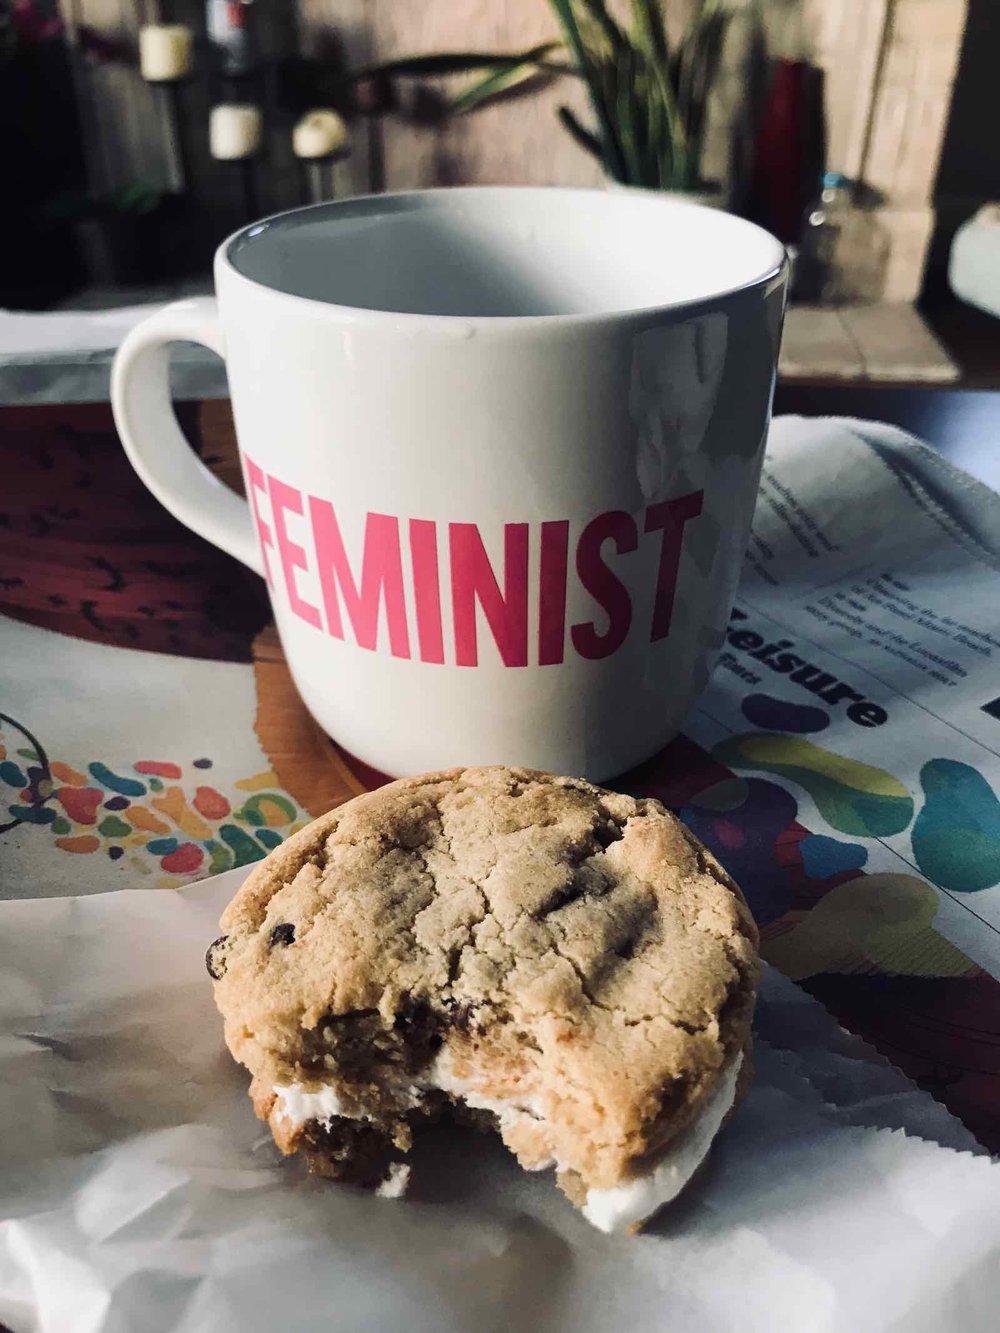 feminist-mug-glutenfree-cookie-sandwich.jpg